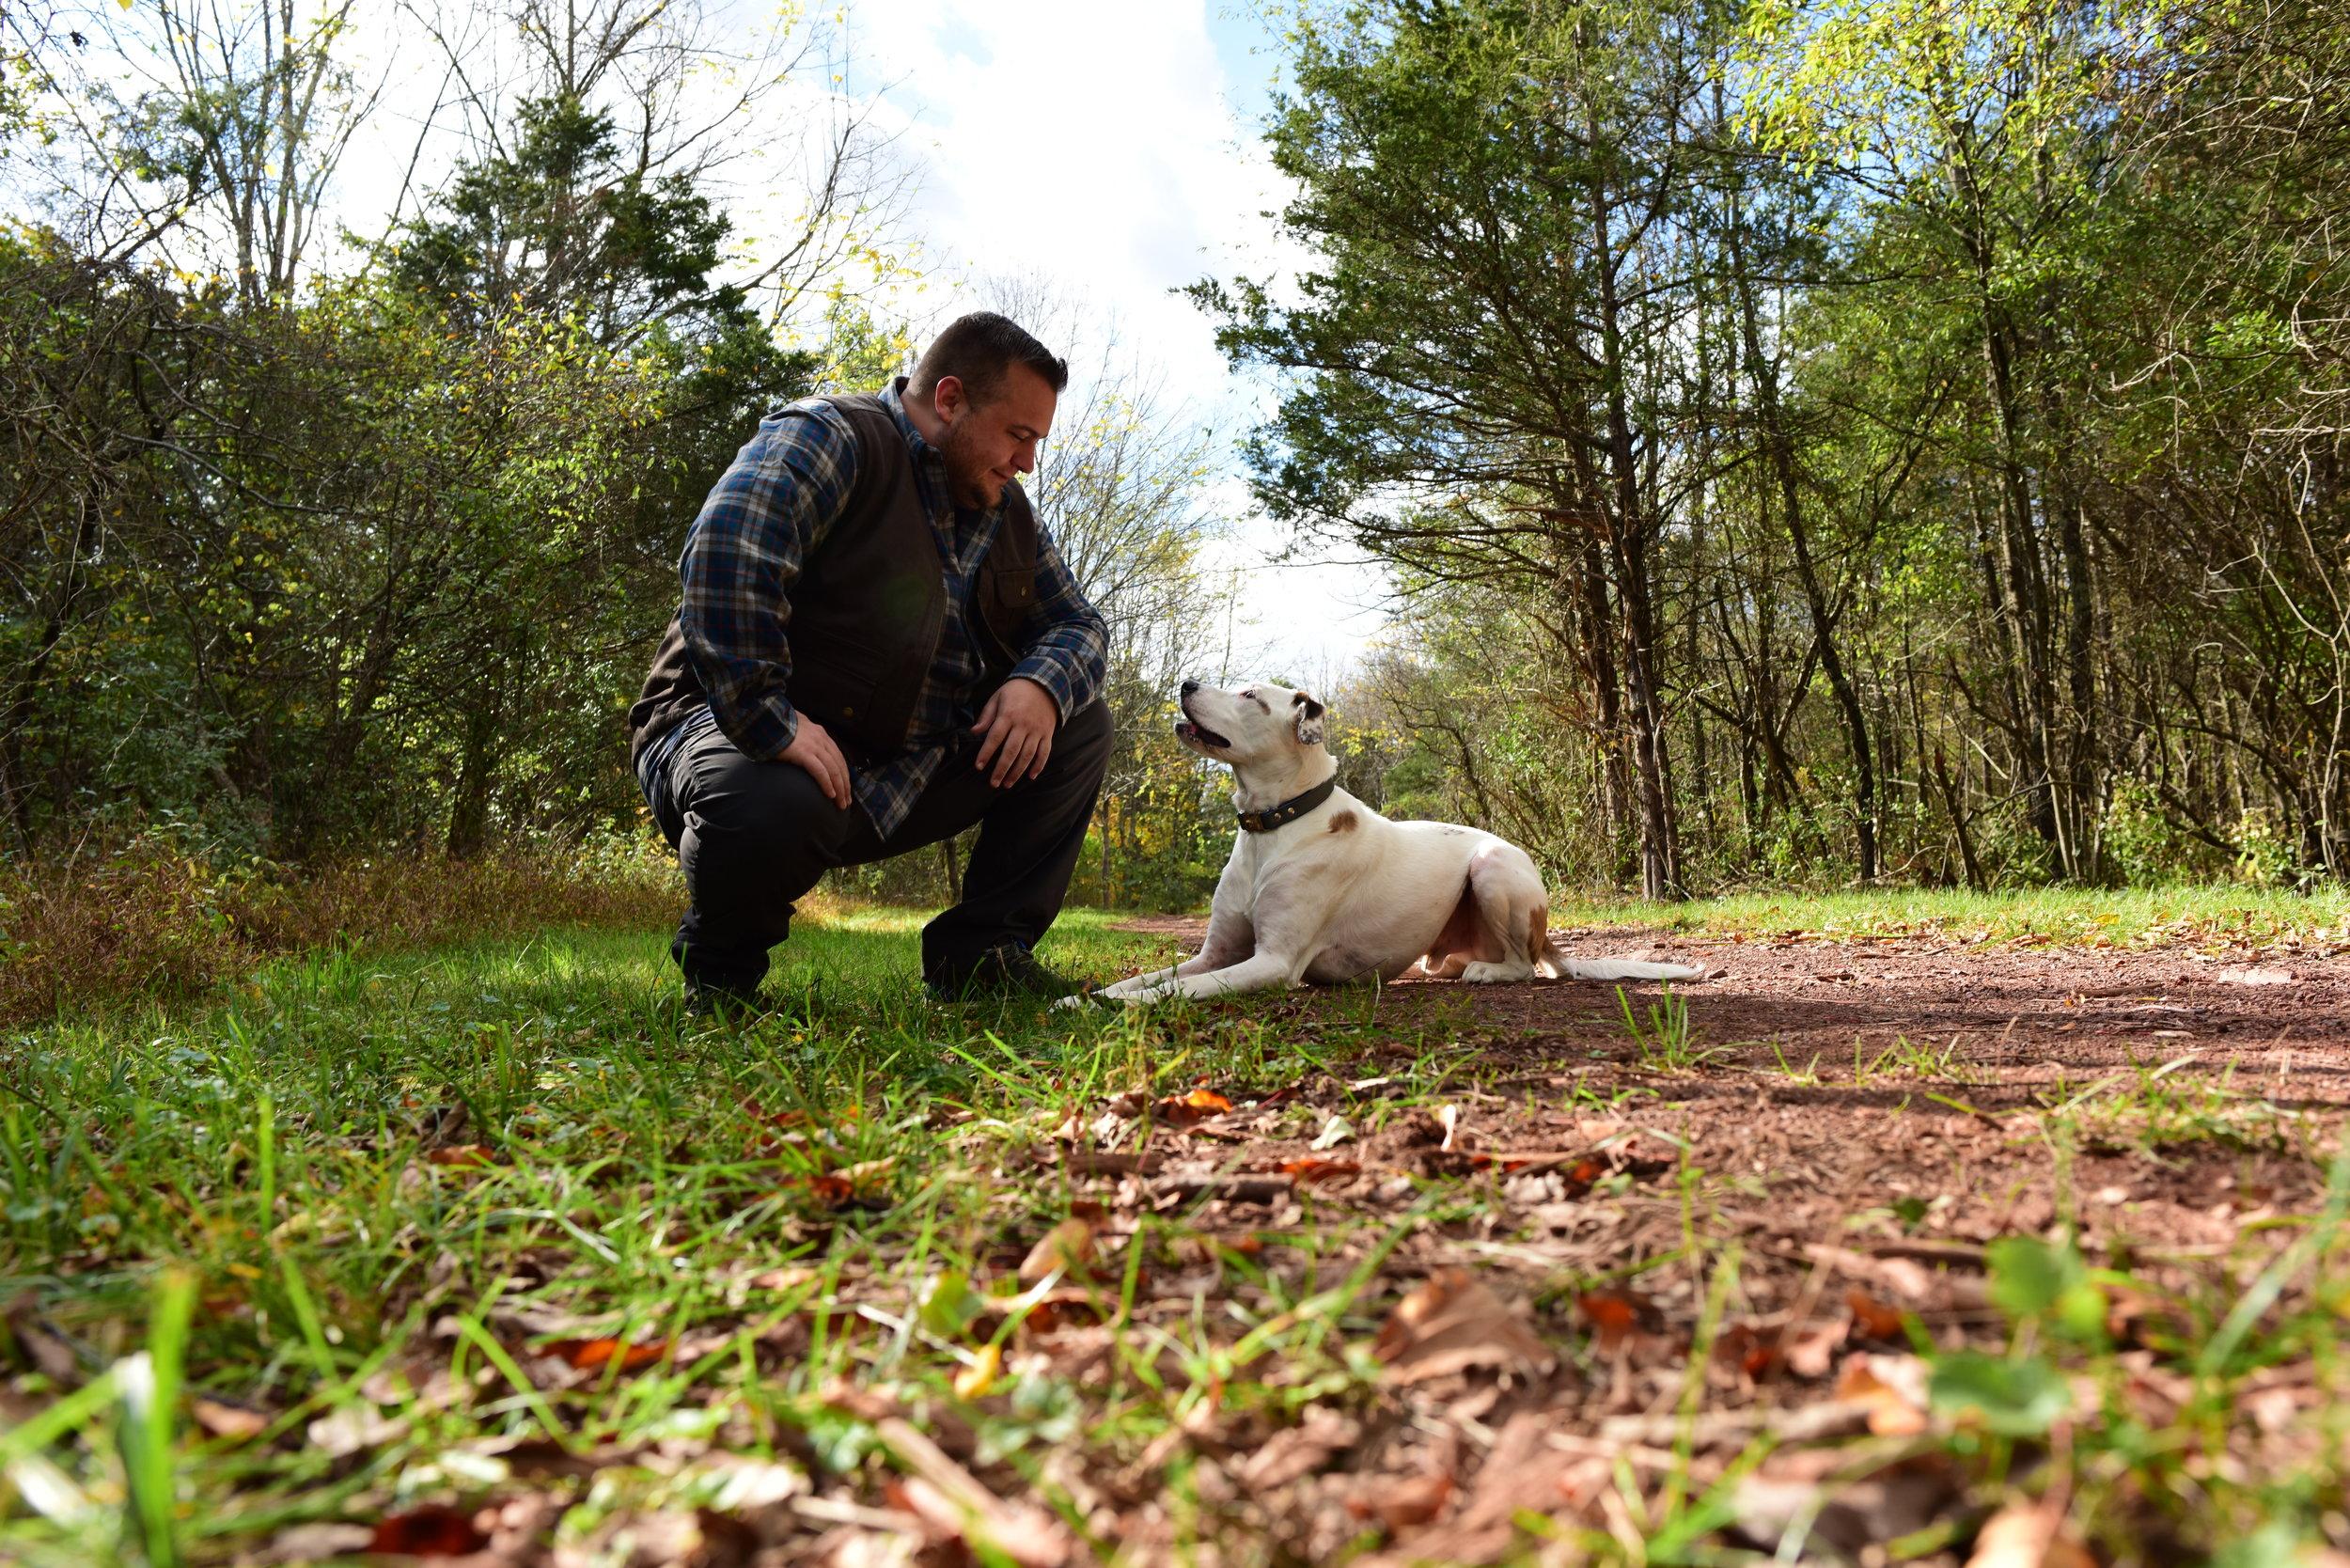 Sammy and I on a stroll through the park.